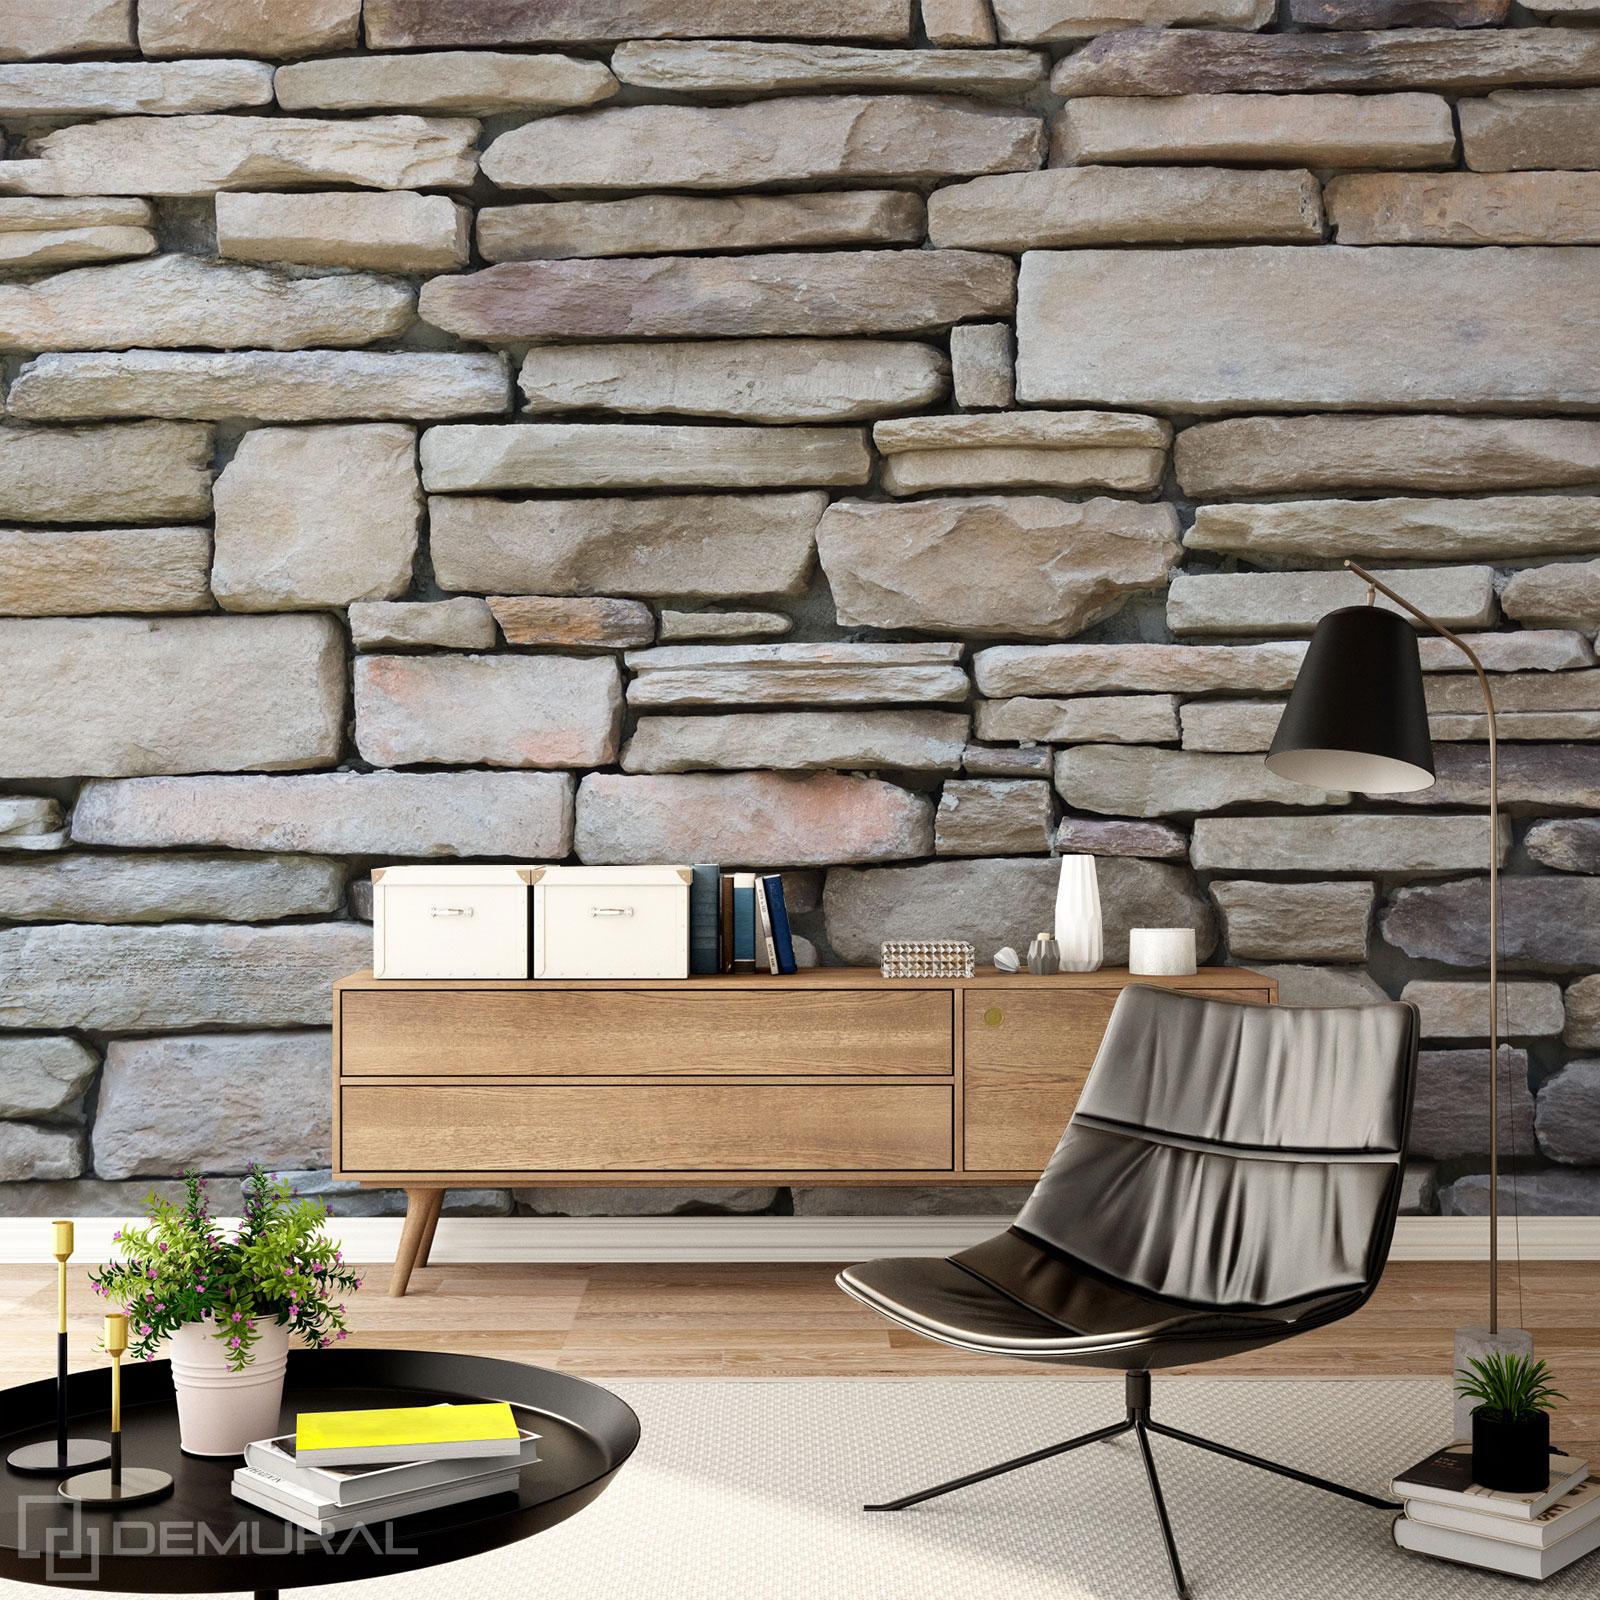 Papier peint Mur de pierre - Papier peint 3D - Demural